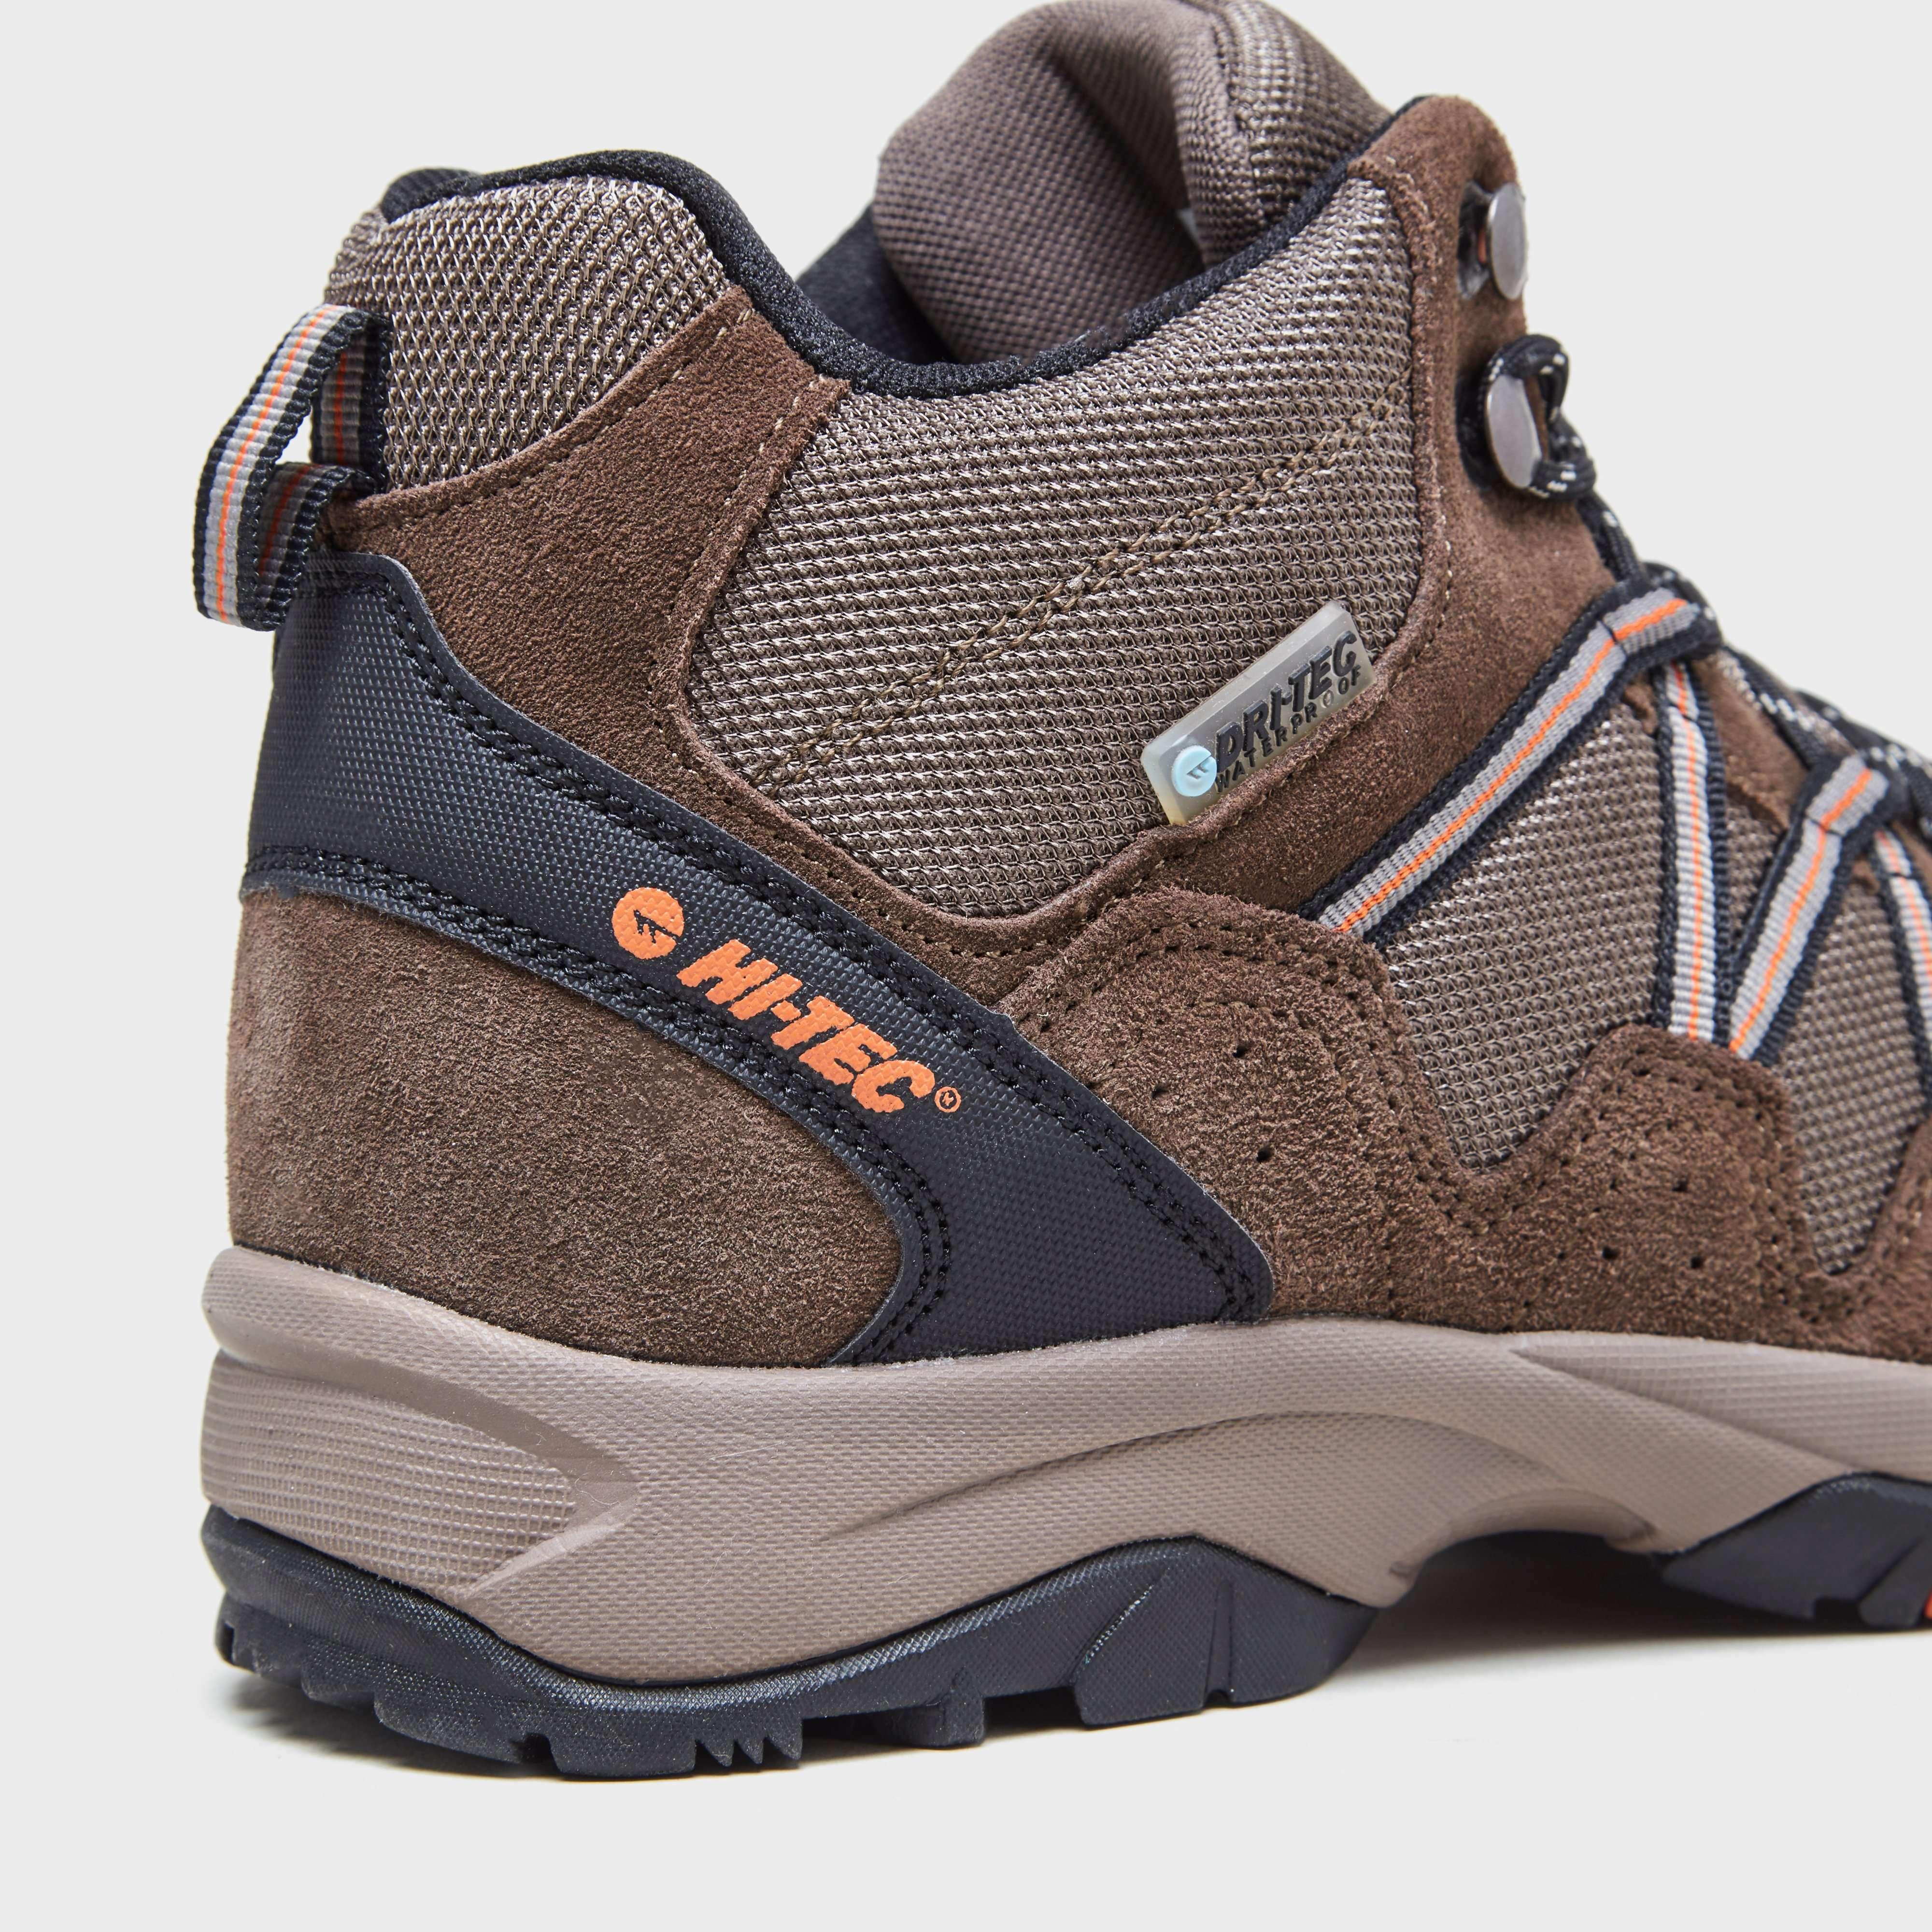 HI TEC Men's Dexter Mid Walking Boot